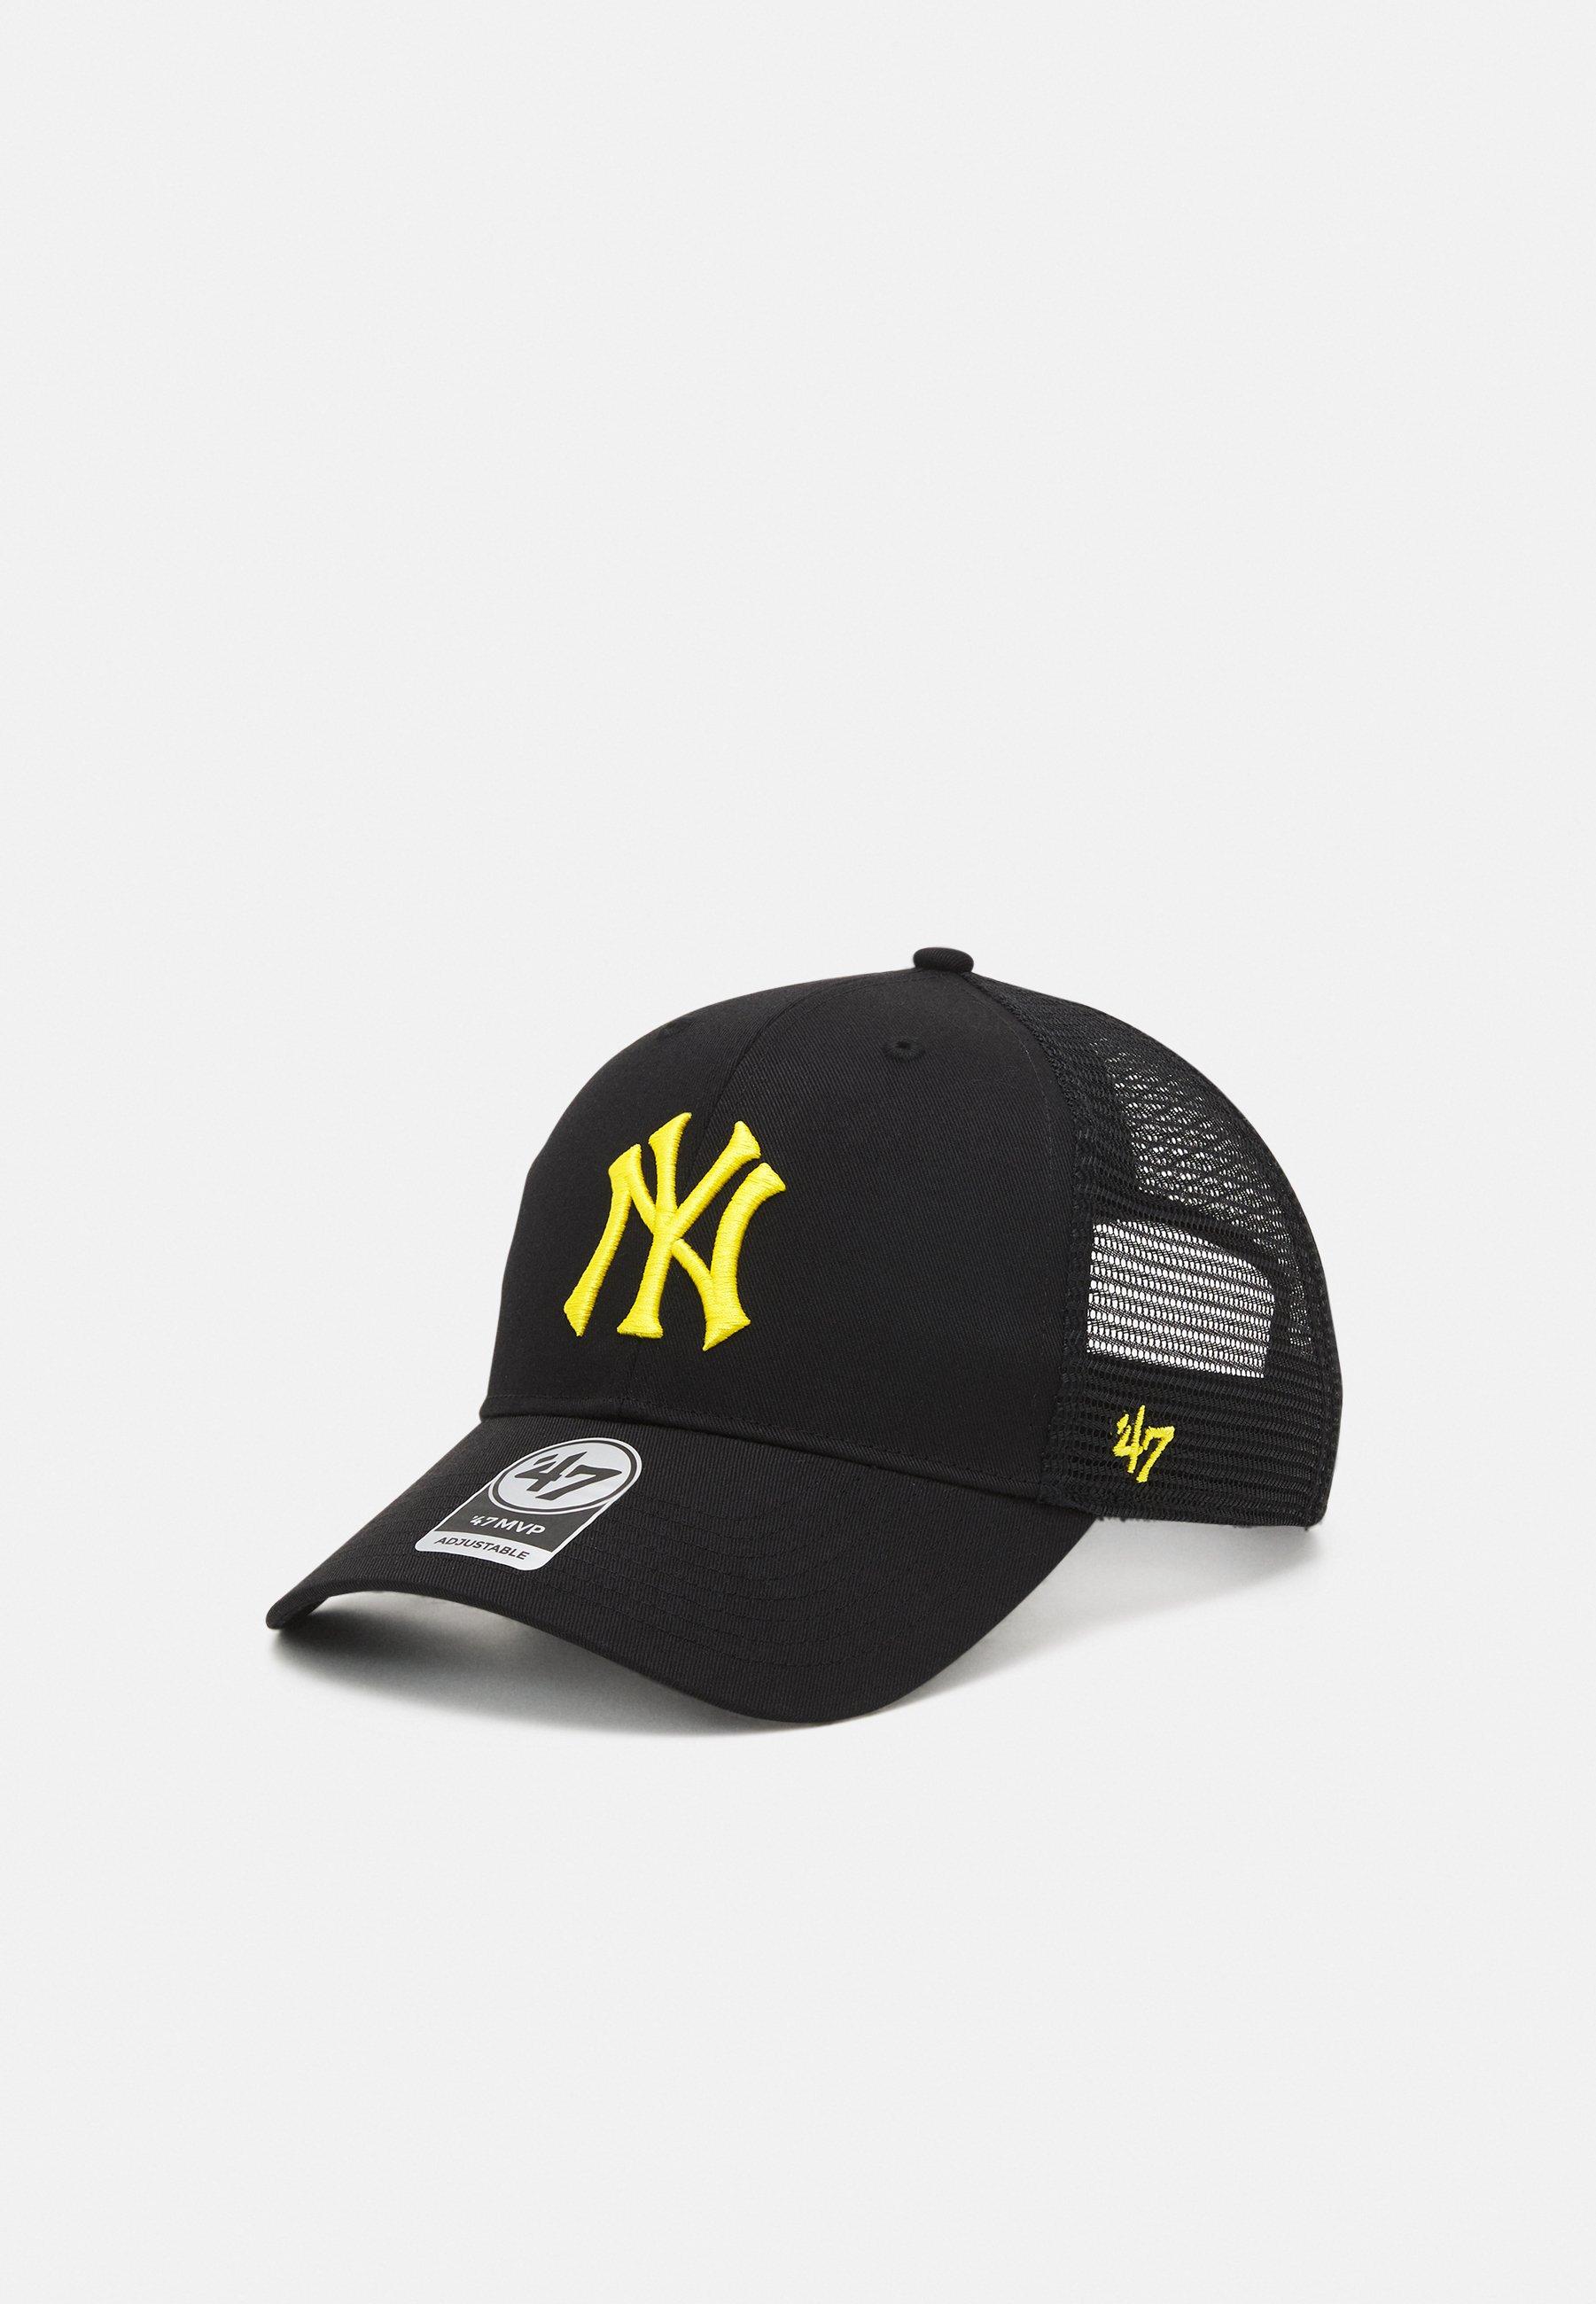 Homme MLB NEW YORK YANKEES BRANSON UNISEX - Casquette